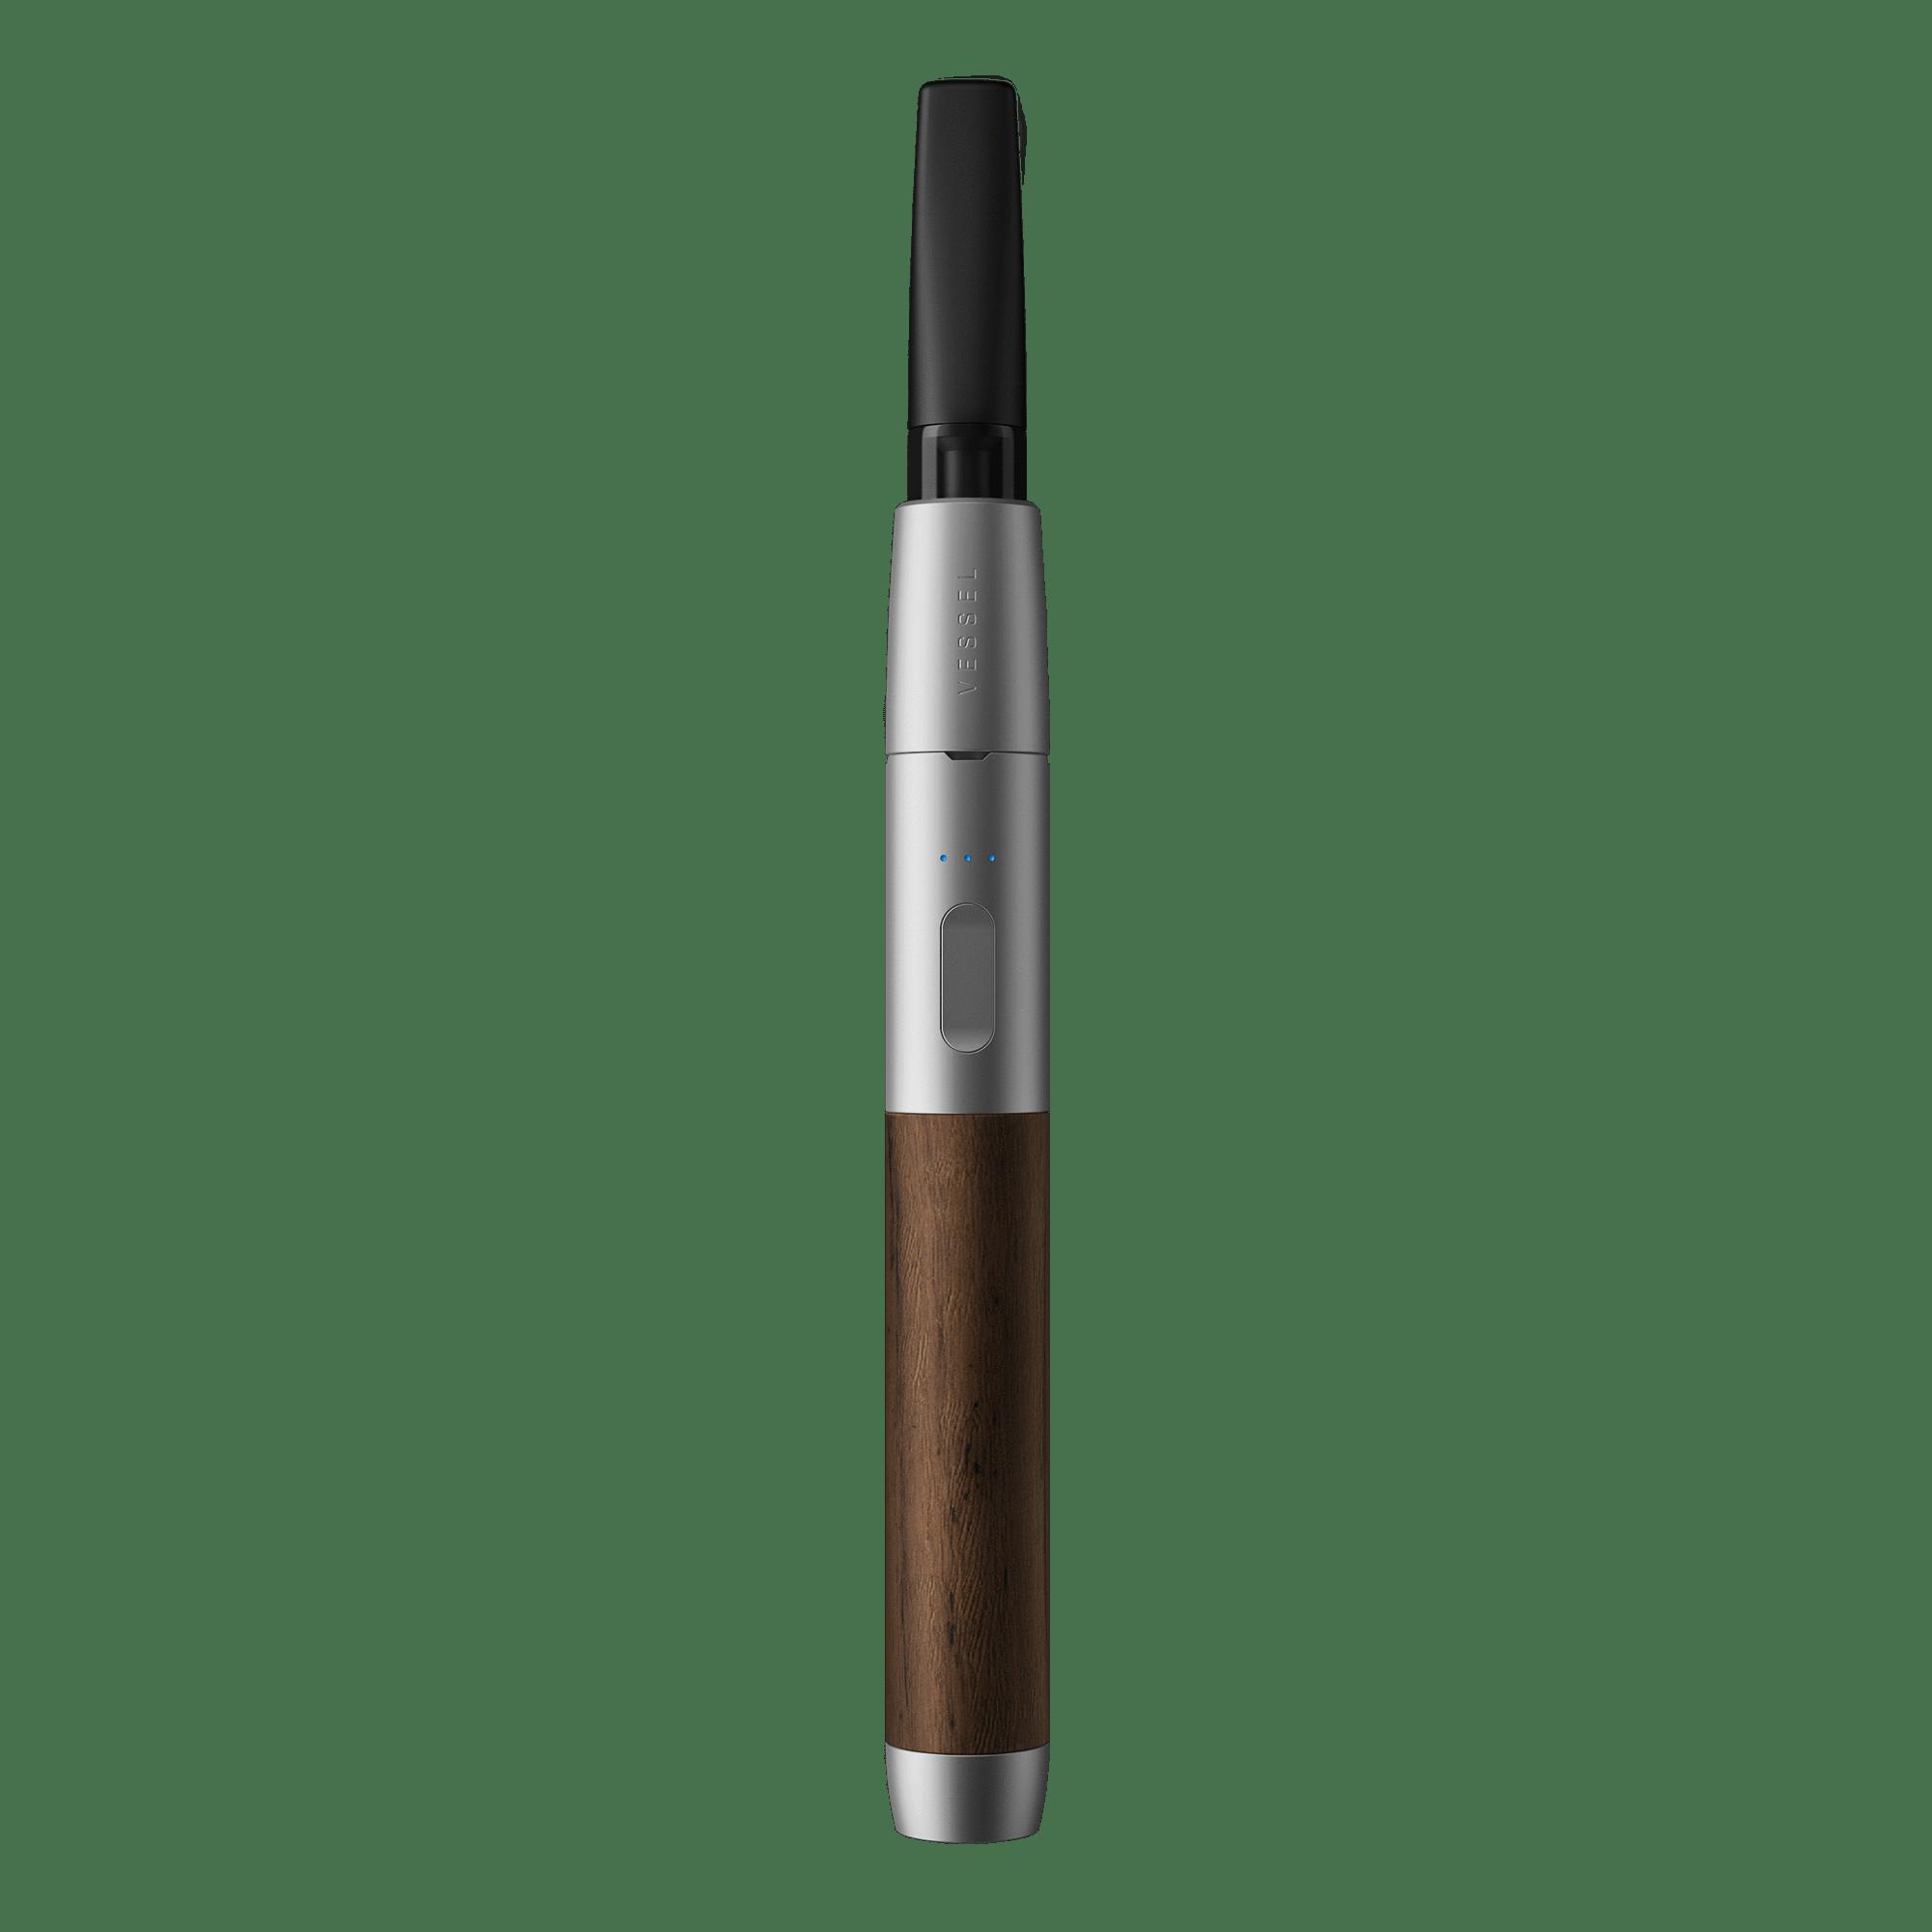 Wood Silver Walnut 1 41b6592e 613c 4323 Ab9e 87c66c51f364 2000x